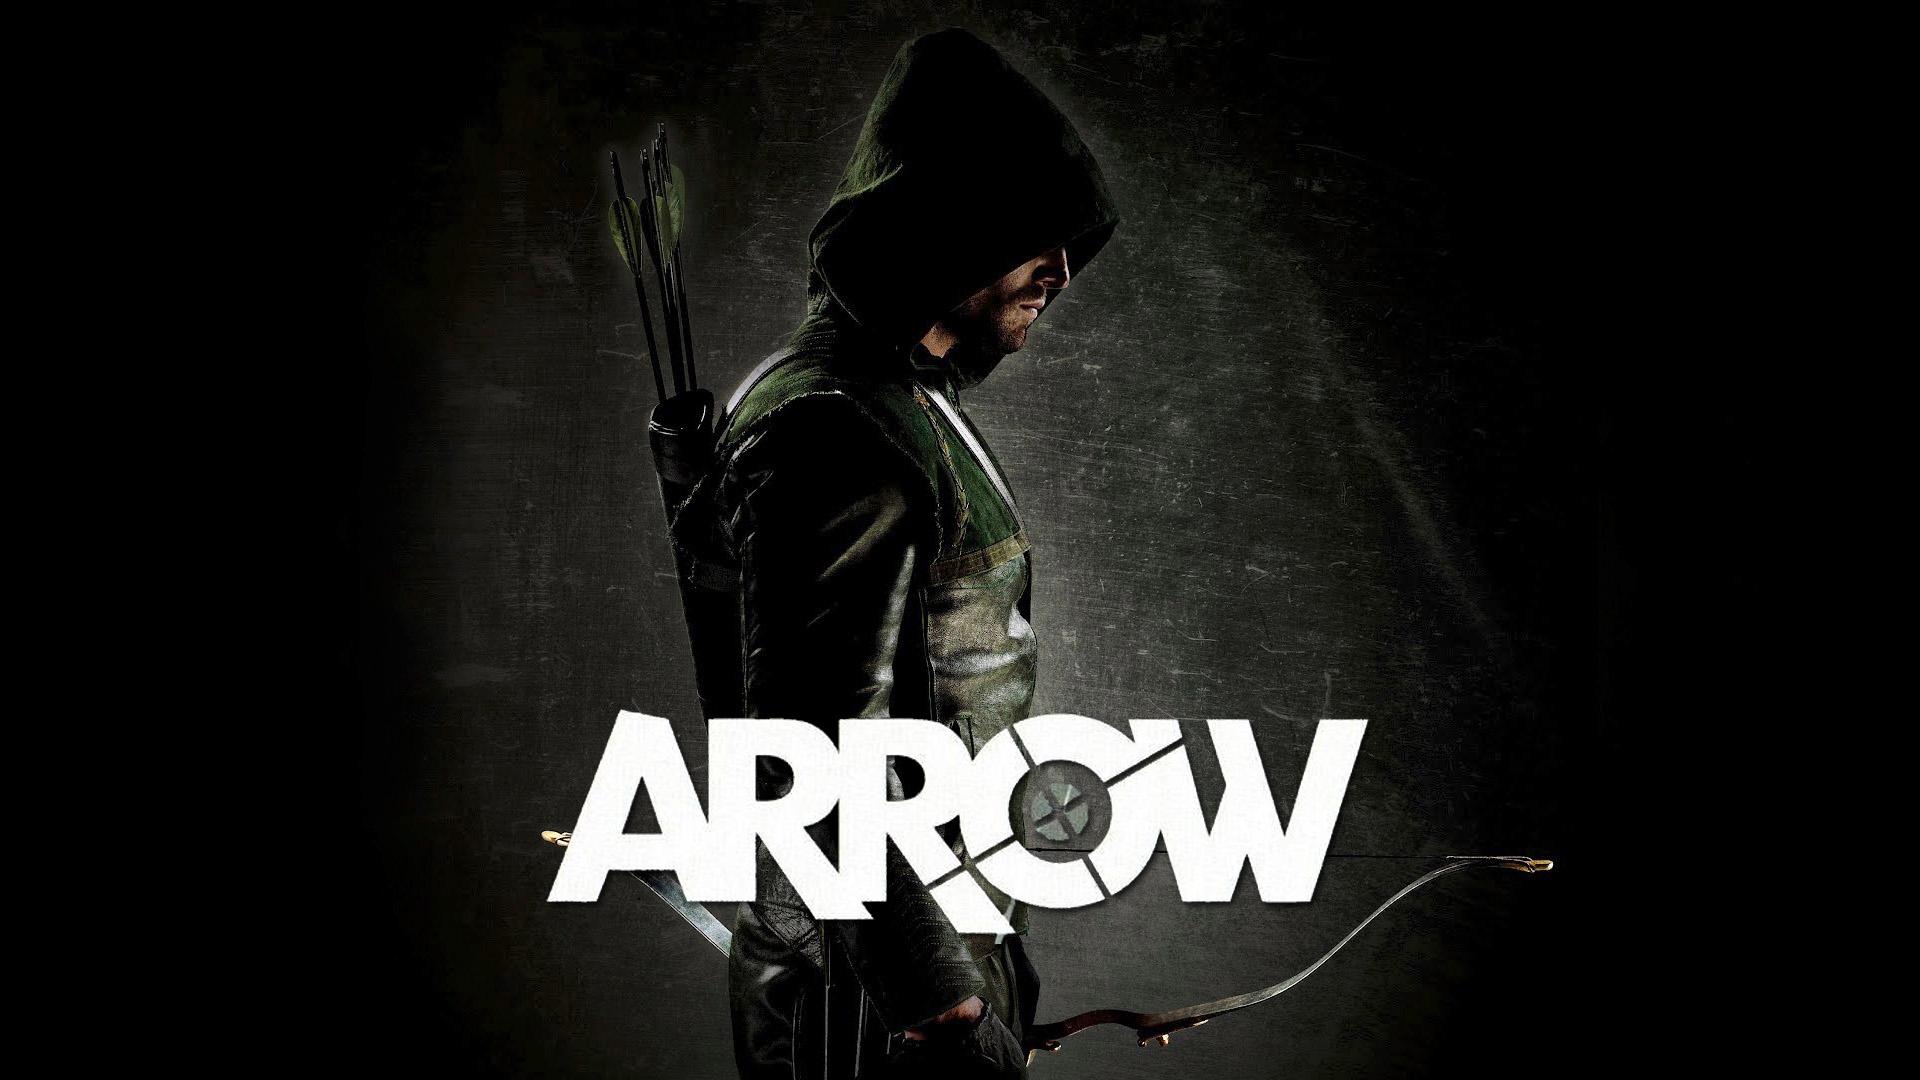 Green Arrow Wallpapers HD